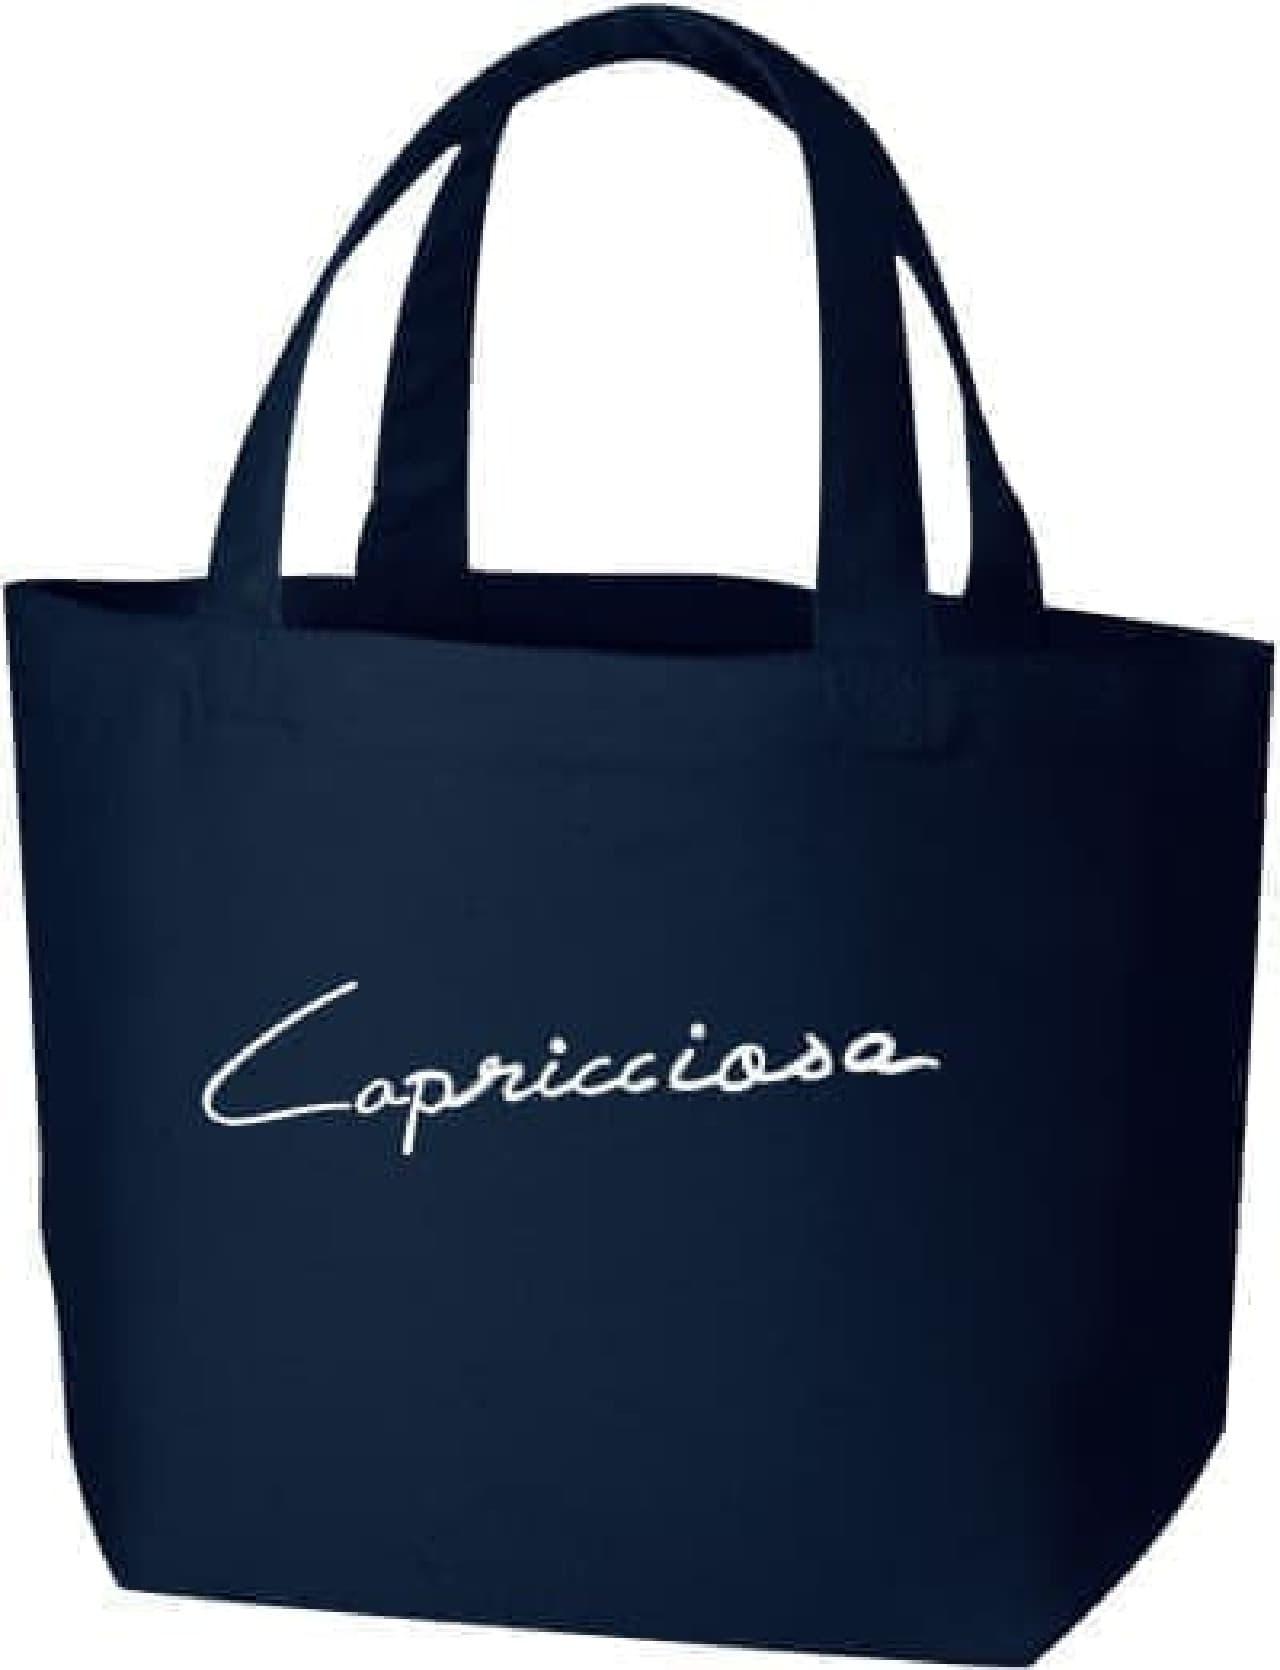 カジュアルイタリアンレストラン「カプリチョーザ」の福袋